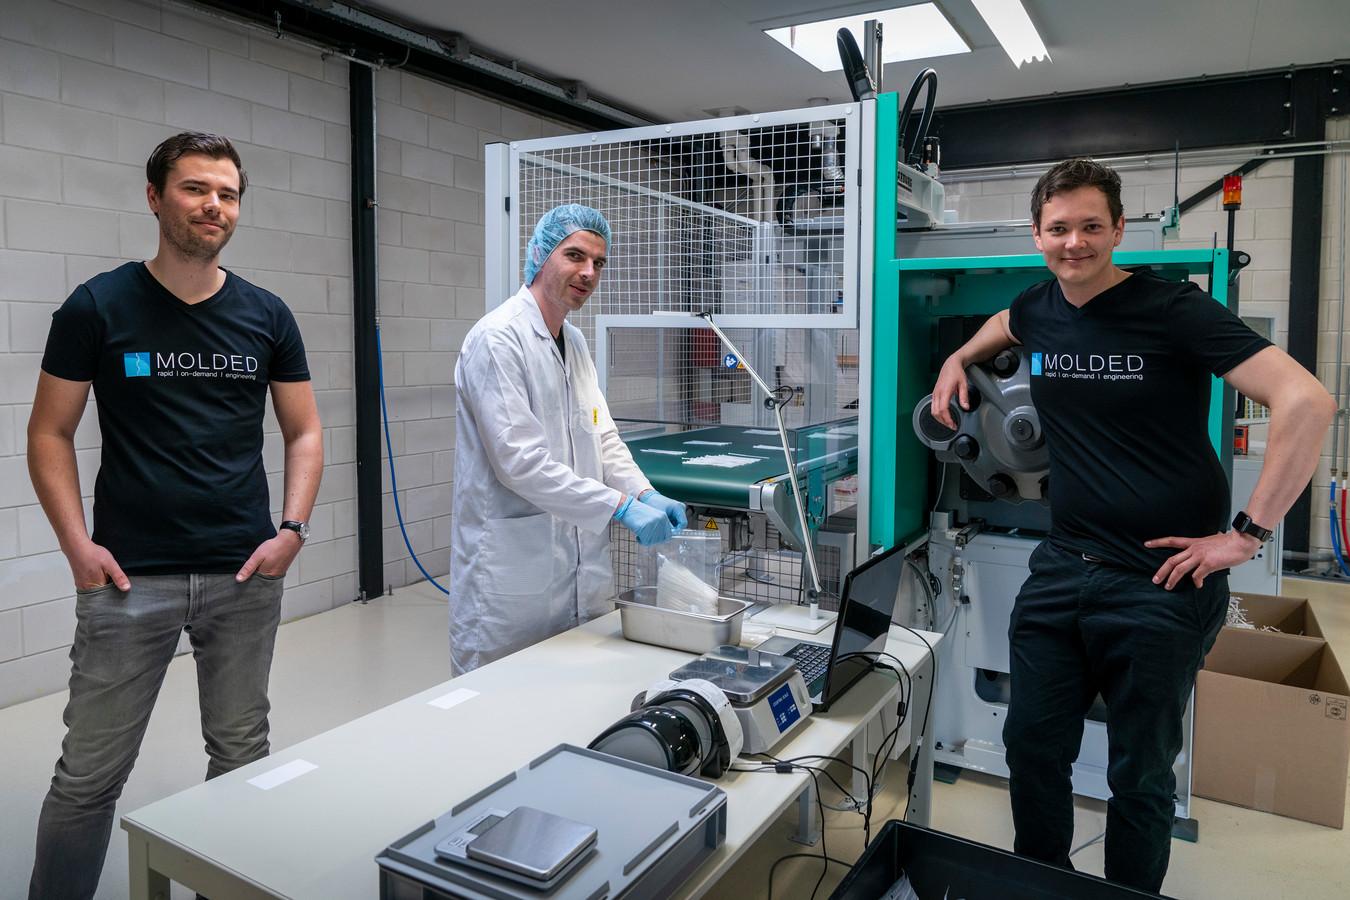 De drie jonge ondernemers van Molded. Met van links naar rechts Jeroen Raijmakers, Jeroen Compen en Martijn van de Ven.